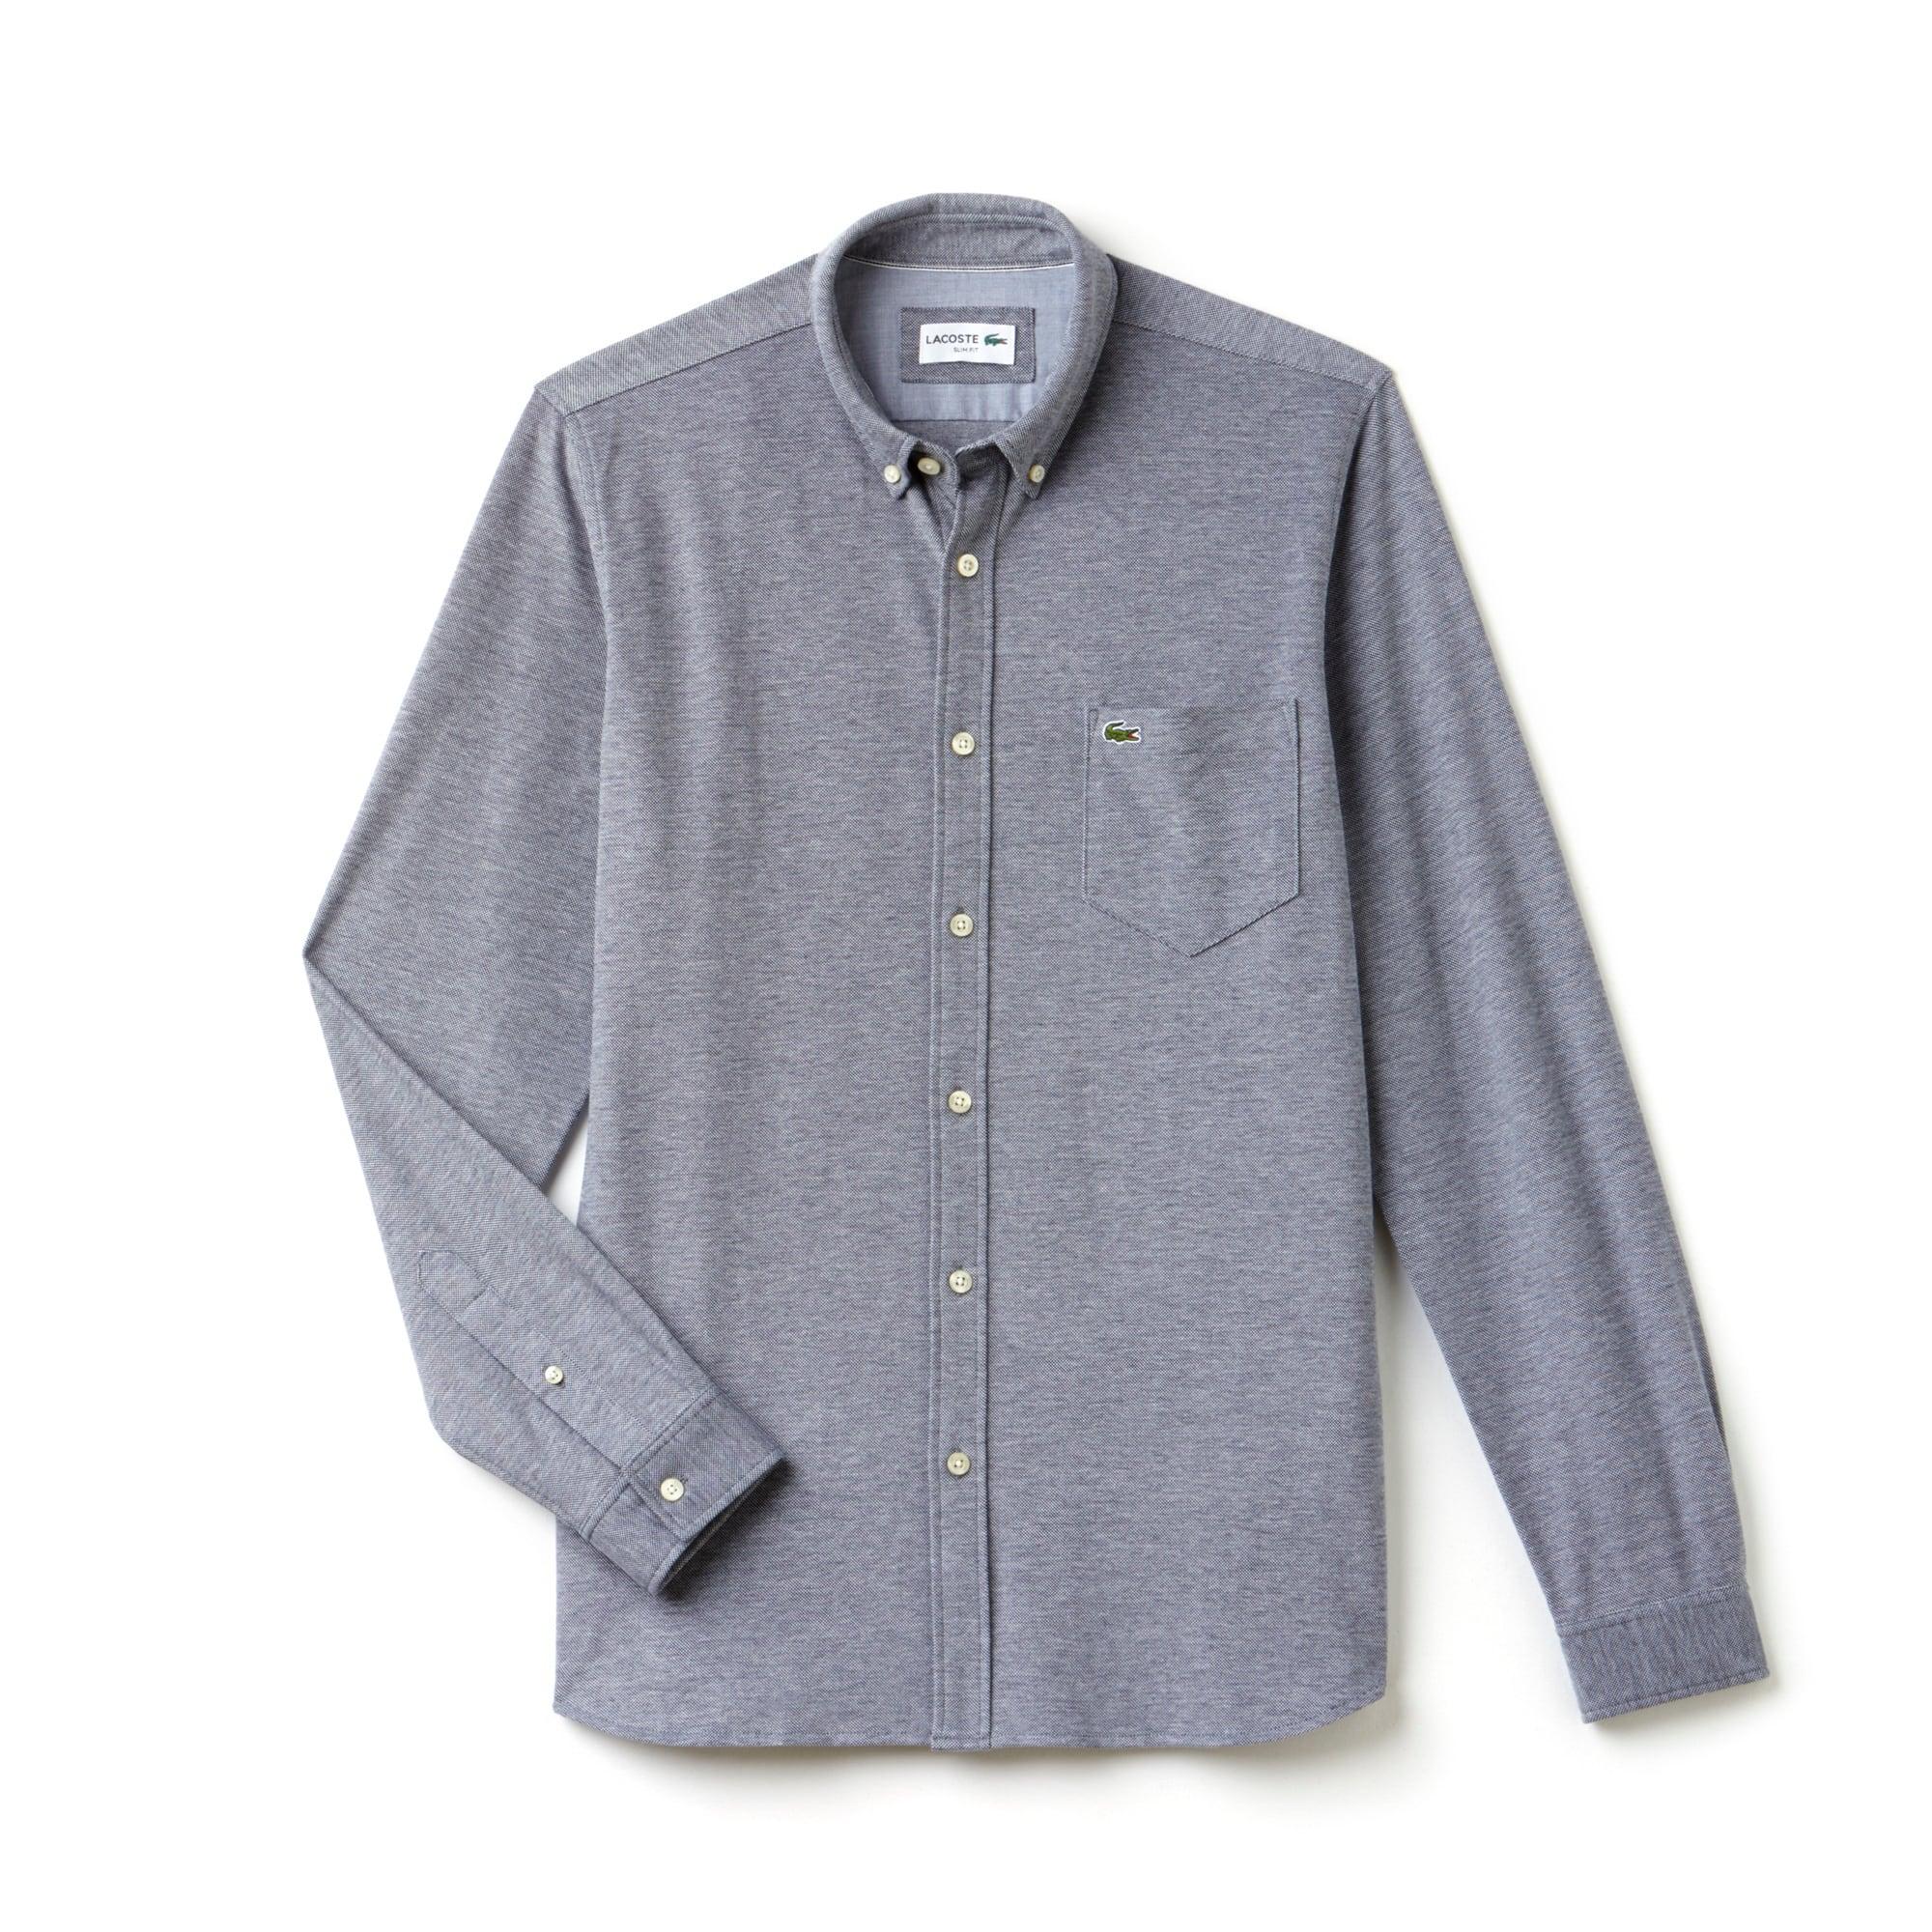 Chemise slim fit en jersey de coton uni